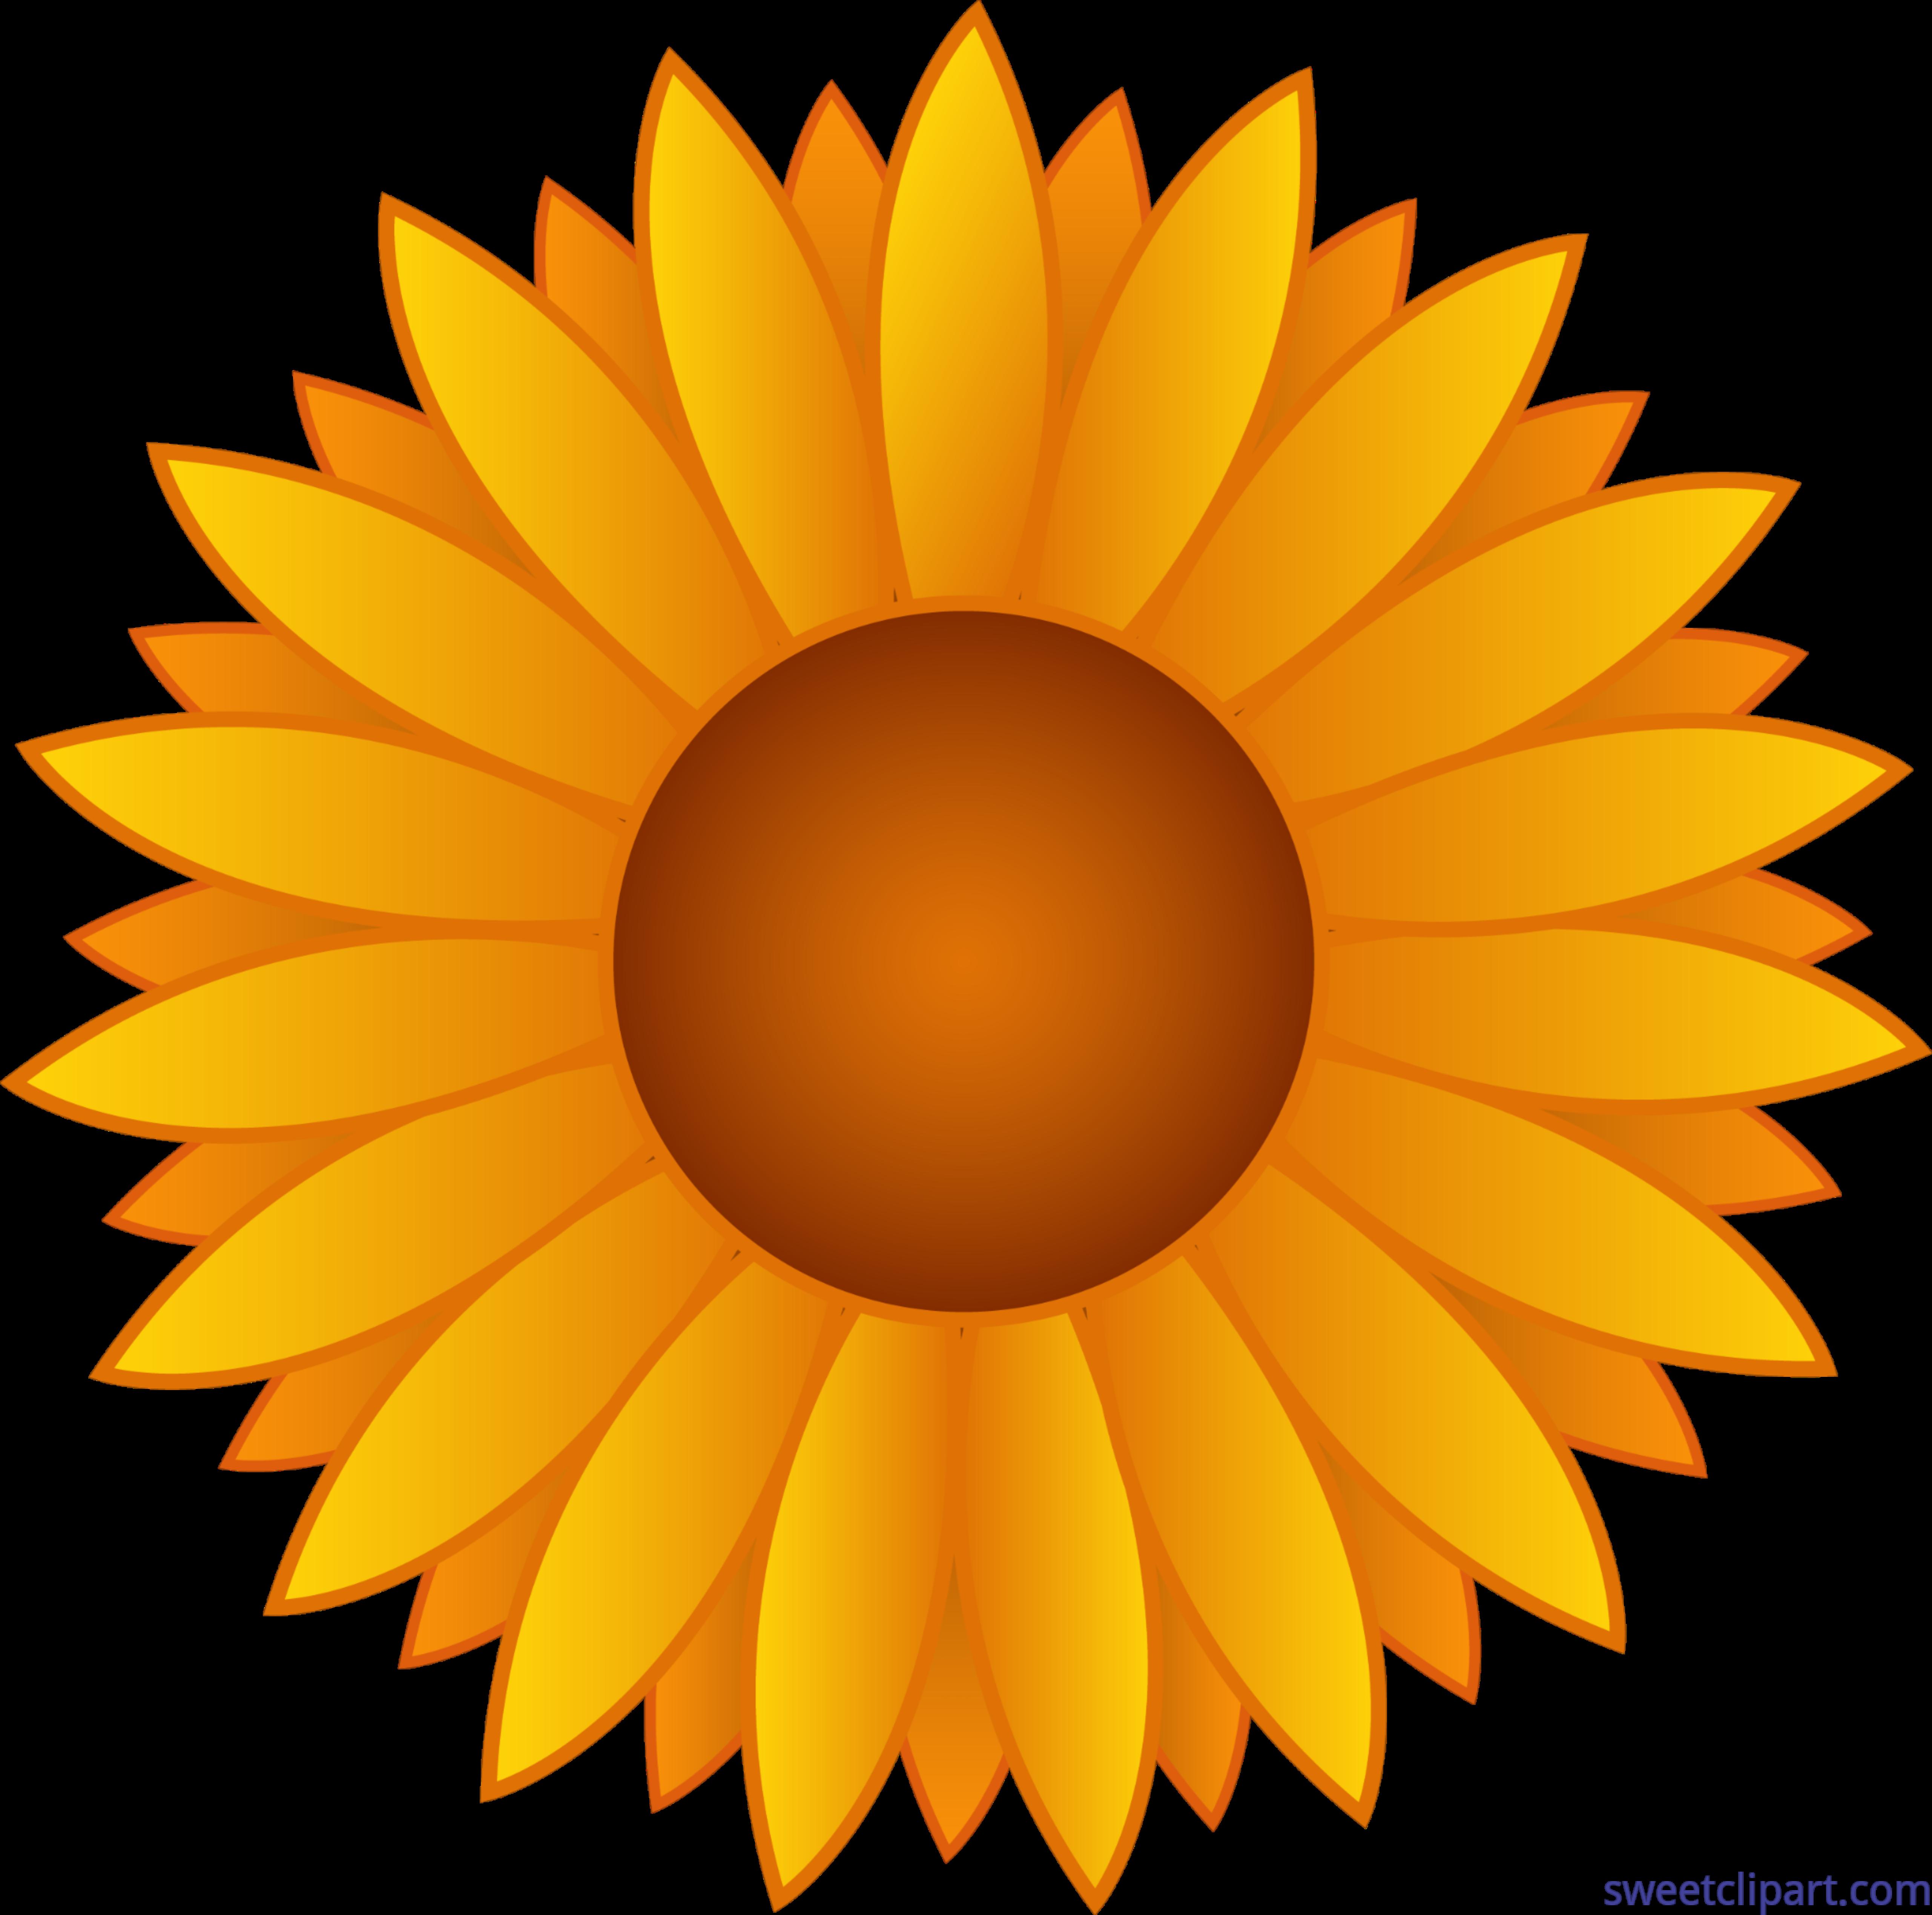 Flowers yellow clip art. Pink clipart sunflower